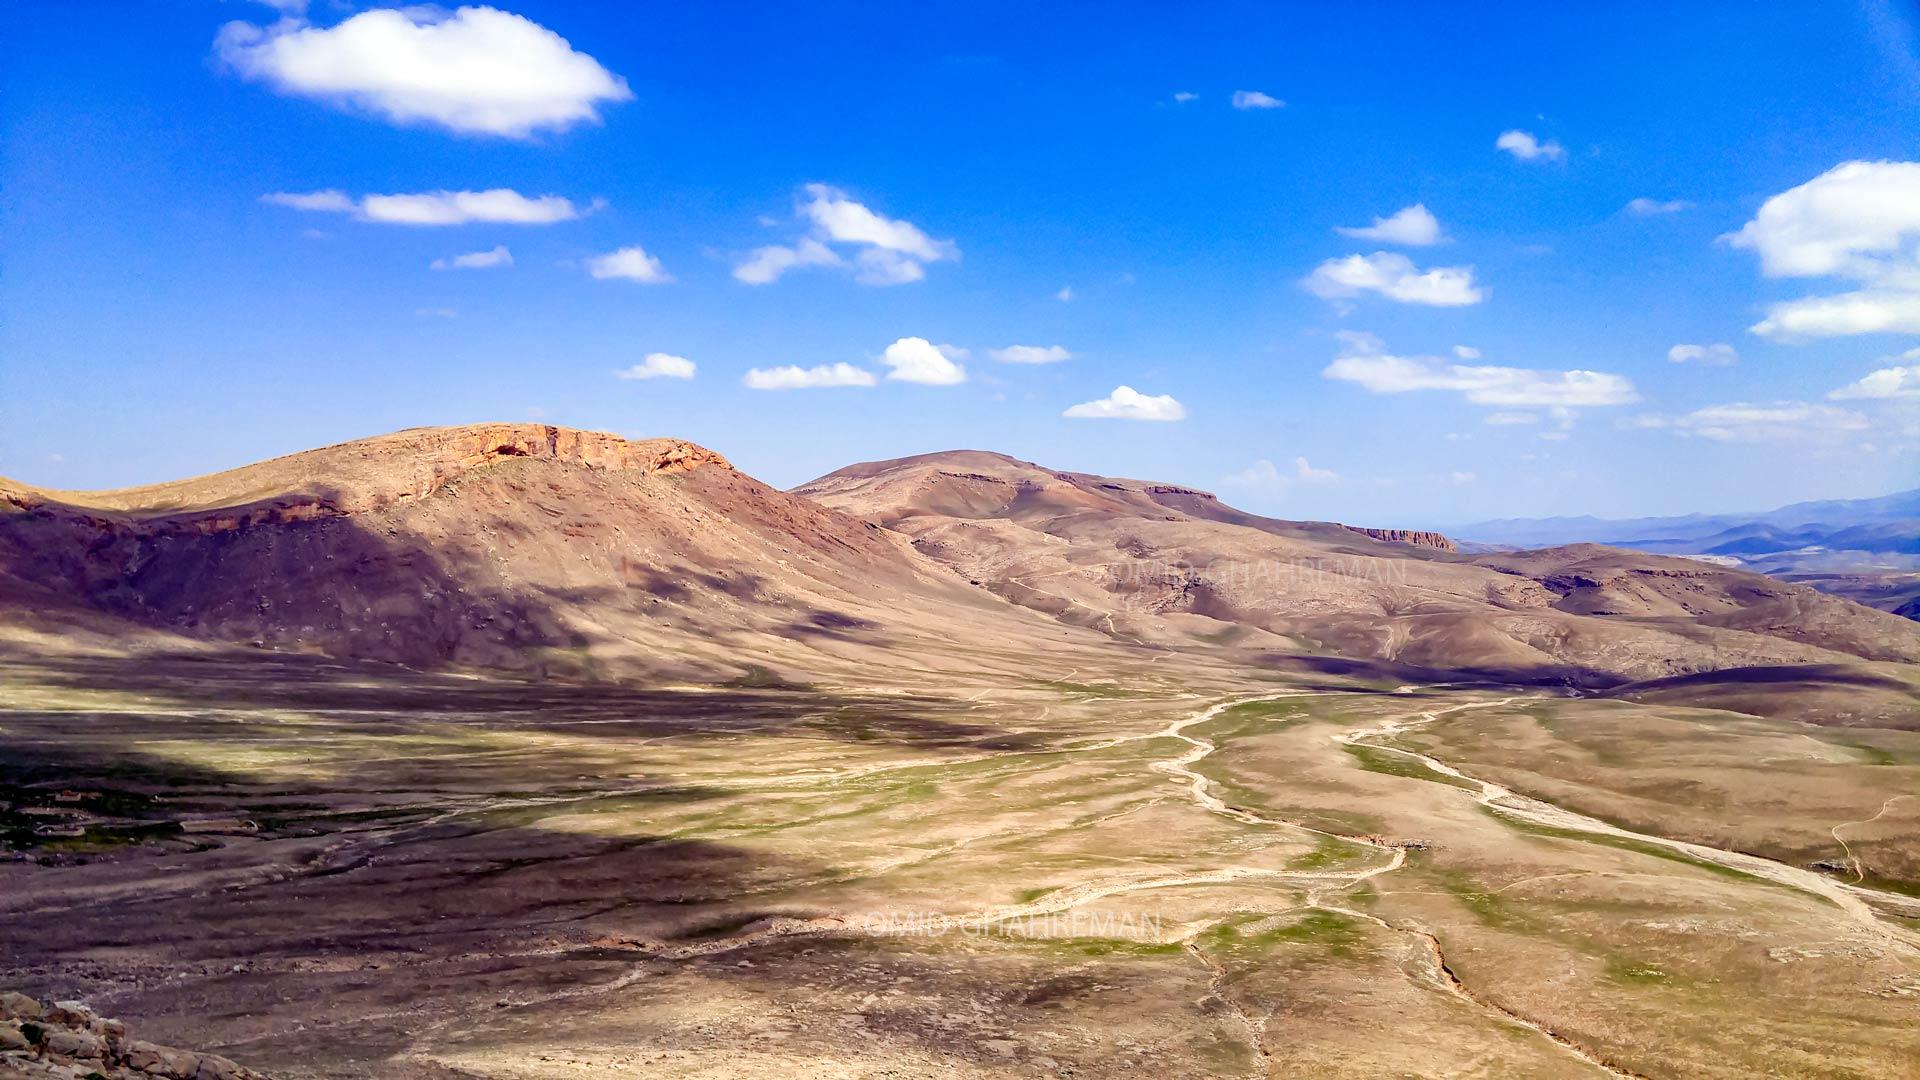 ارتفاعات بالای کوه یه و شمال شهر ماکو